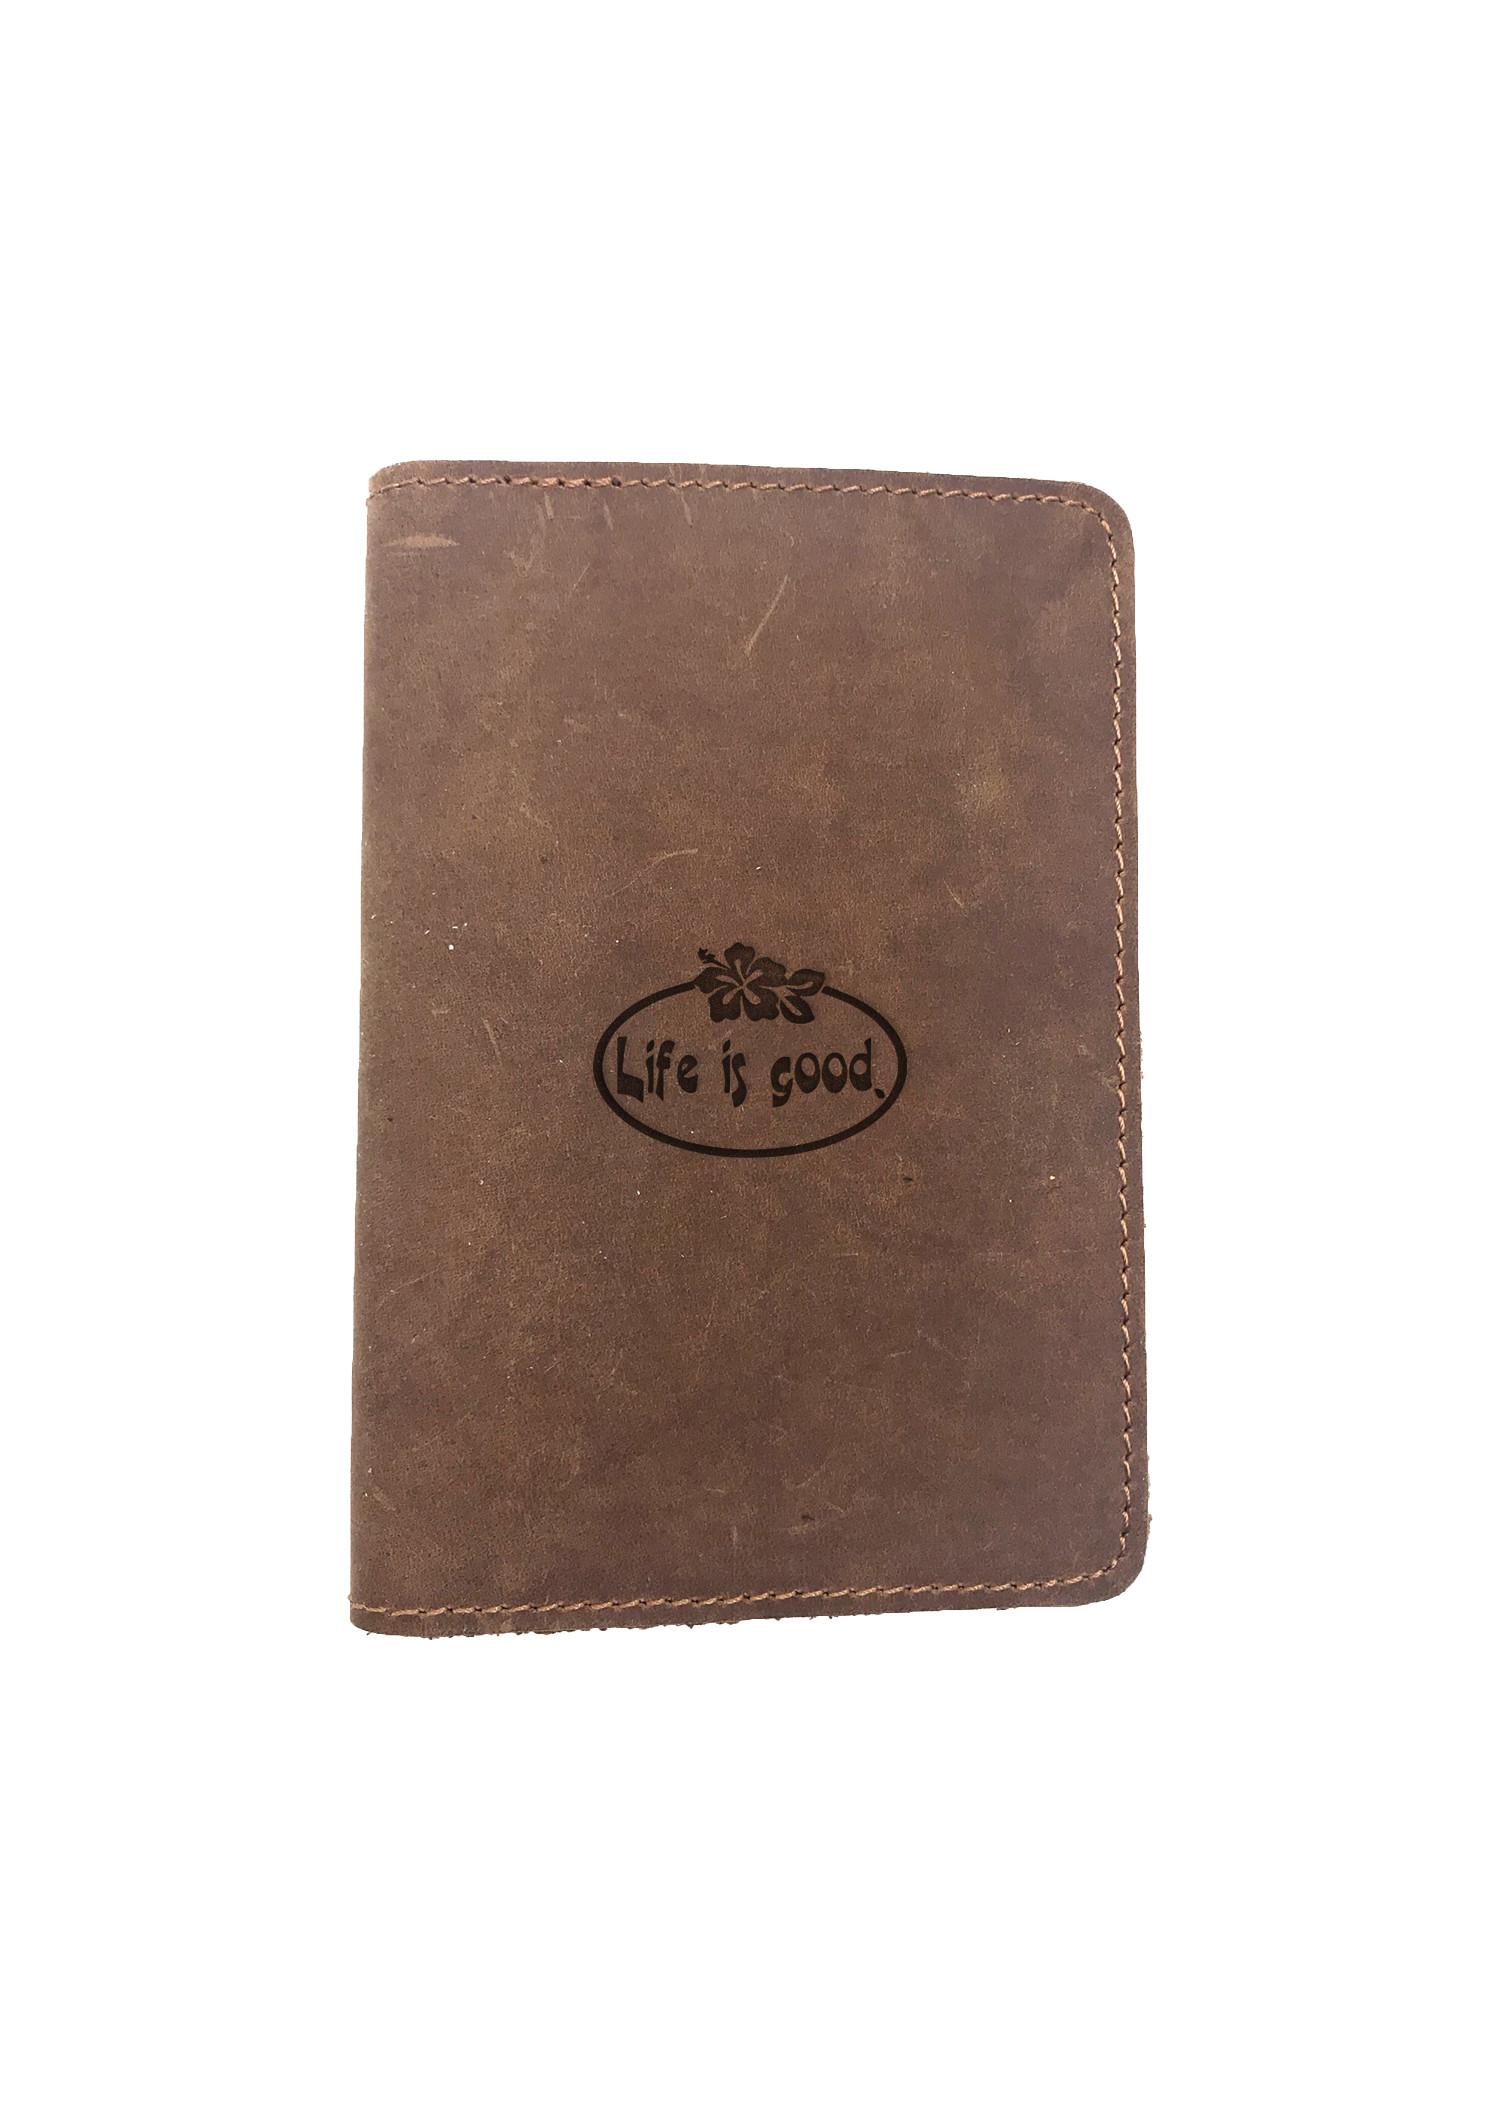 Passport Cover Bao Da Hộ Chiếu Da Sáp Khắc Hình Chữ LIFE IS GOOD (BROWN) - 15700295 , 8075066033202 , 62_27859300 , 450000 , Passport-Cover-Bao-Da-Ho-Chieu-Da-Sap-Khac-Hinh-Chu-LIFE-IS-GOOD-BROWN-62_27859300 , tiki.vn , Passport Cover Bao Da Hộ Chiếu Da Sáp Khắc Hình Chữ LIFE IS GOOD (BROWN)